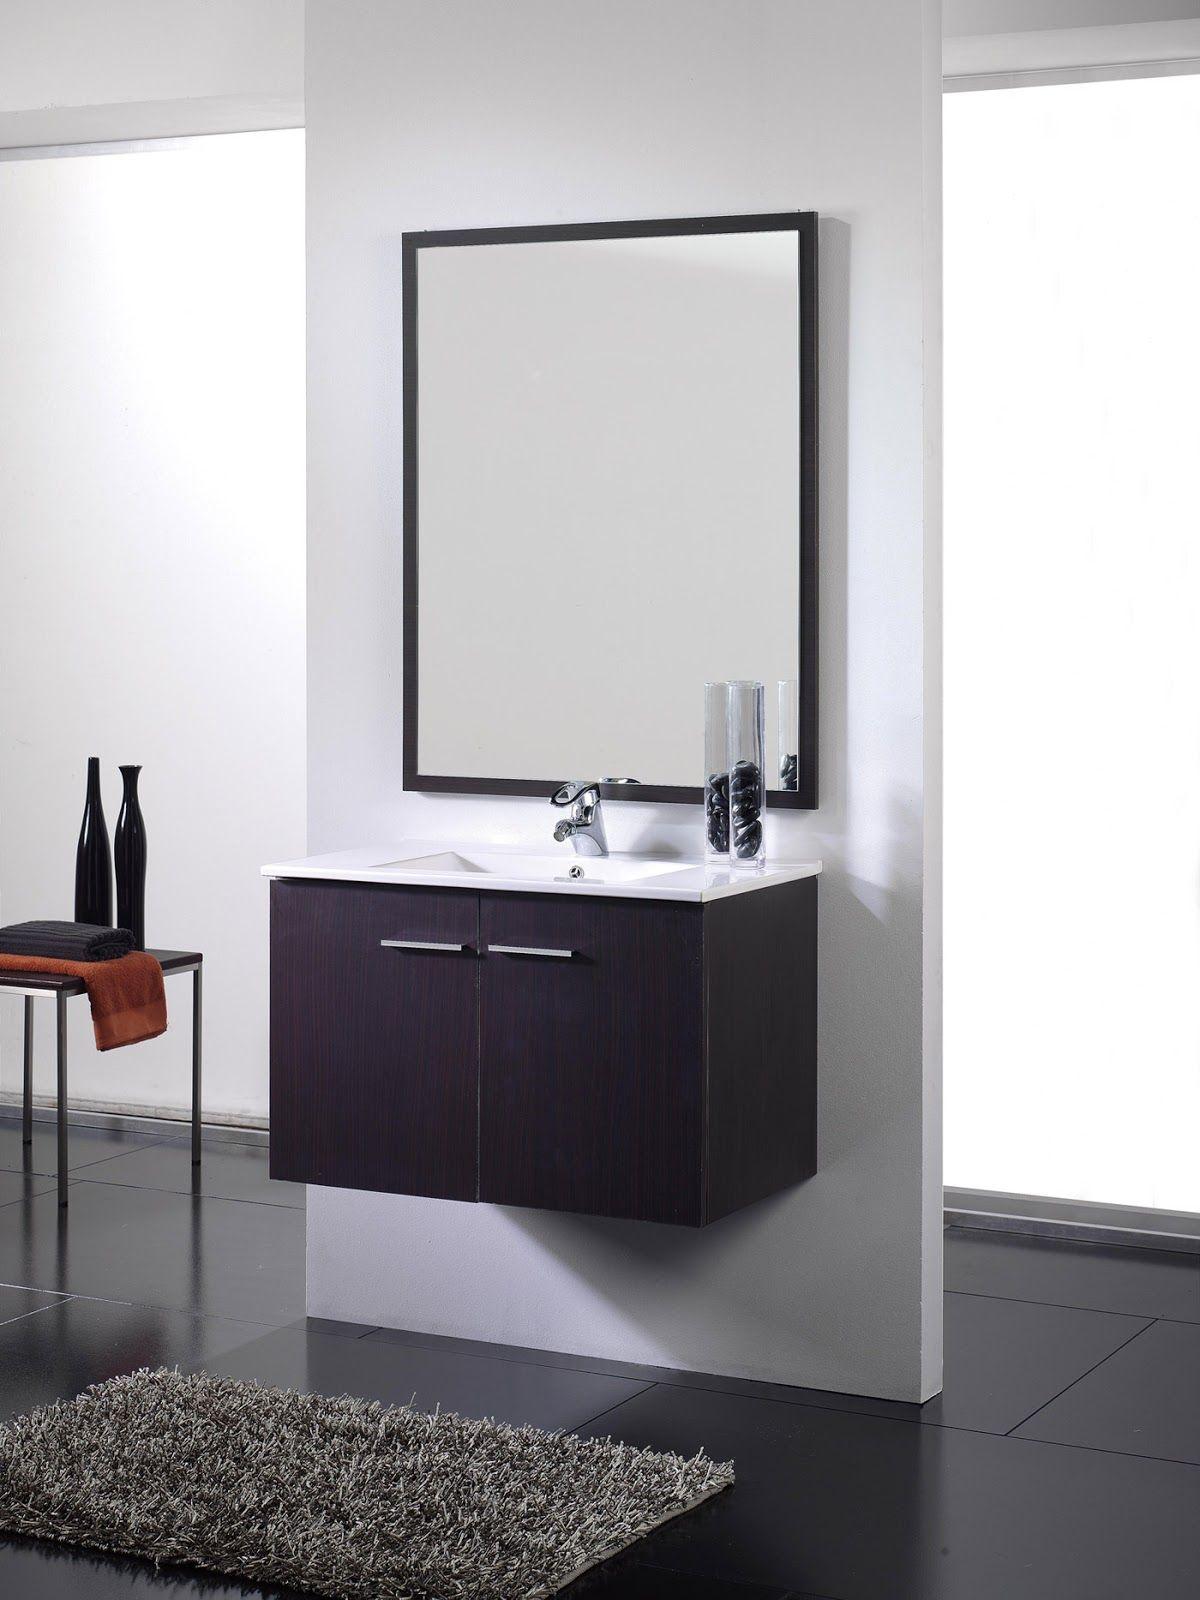 Oferta: Mueble de baño wenge 2 puertas suspendido. Incluye lavabo ...